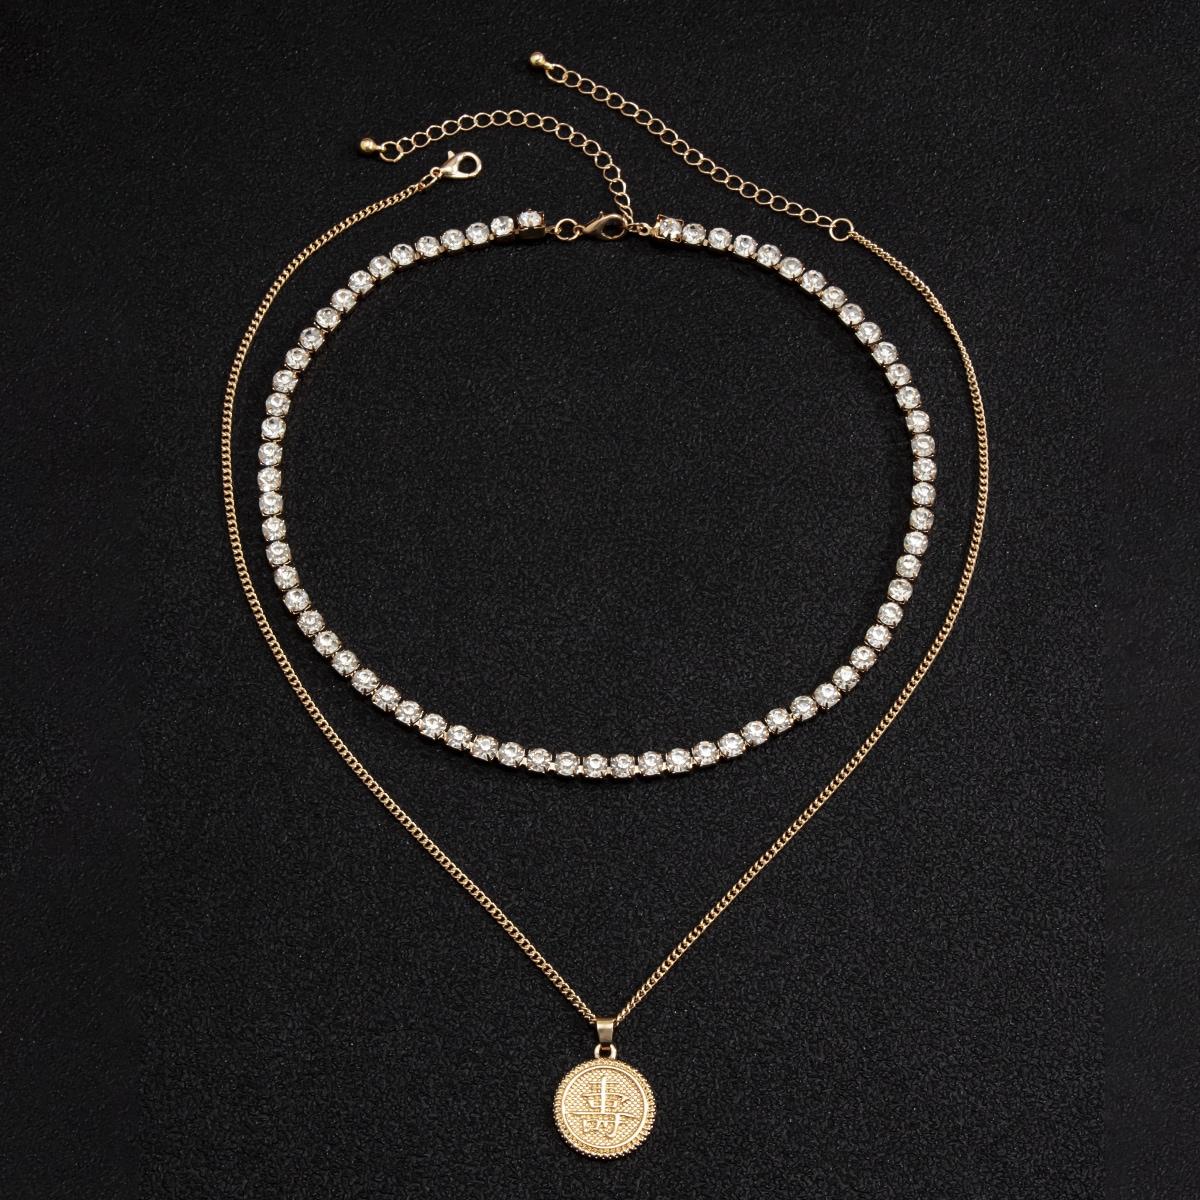 Мужское ожерелье с круглой подвеской 2шт